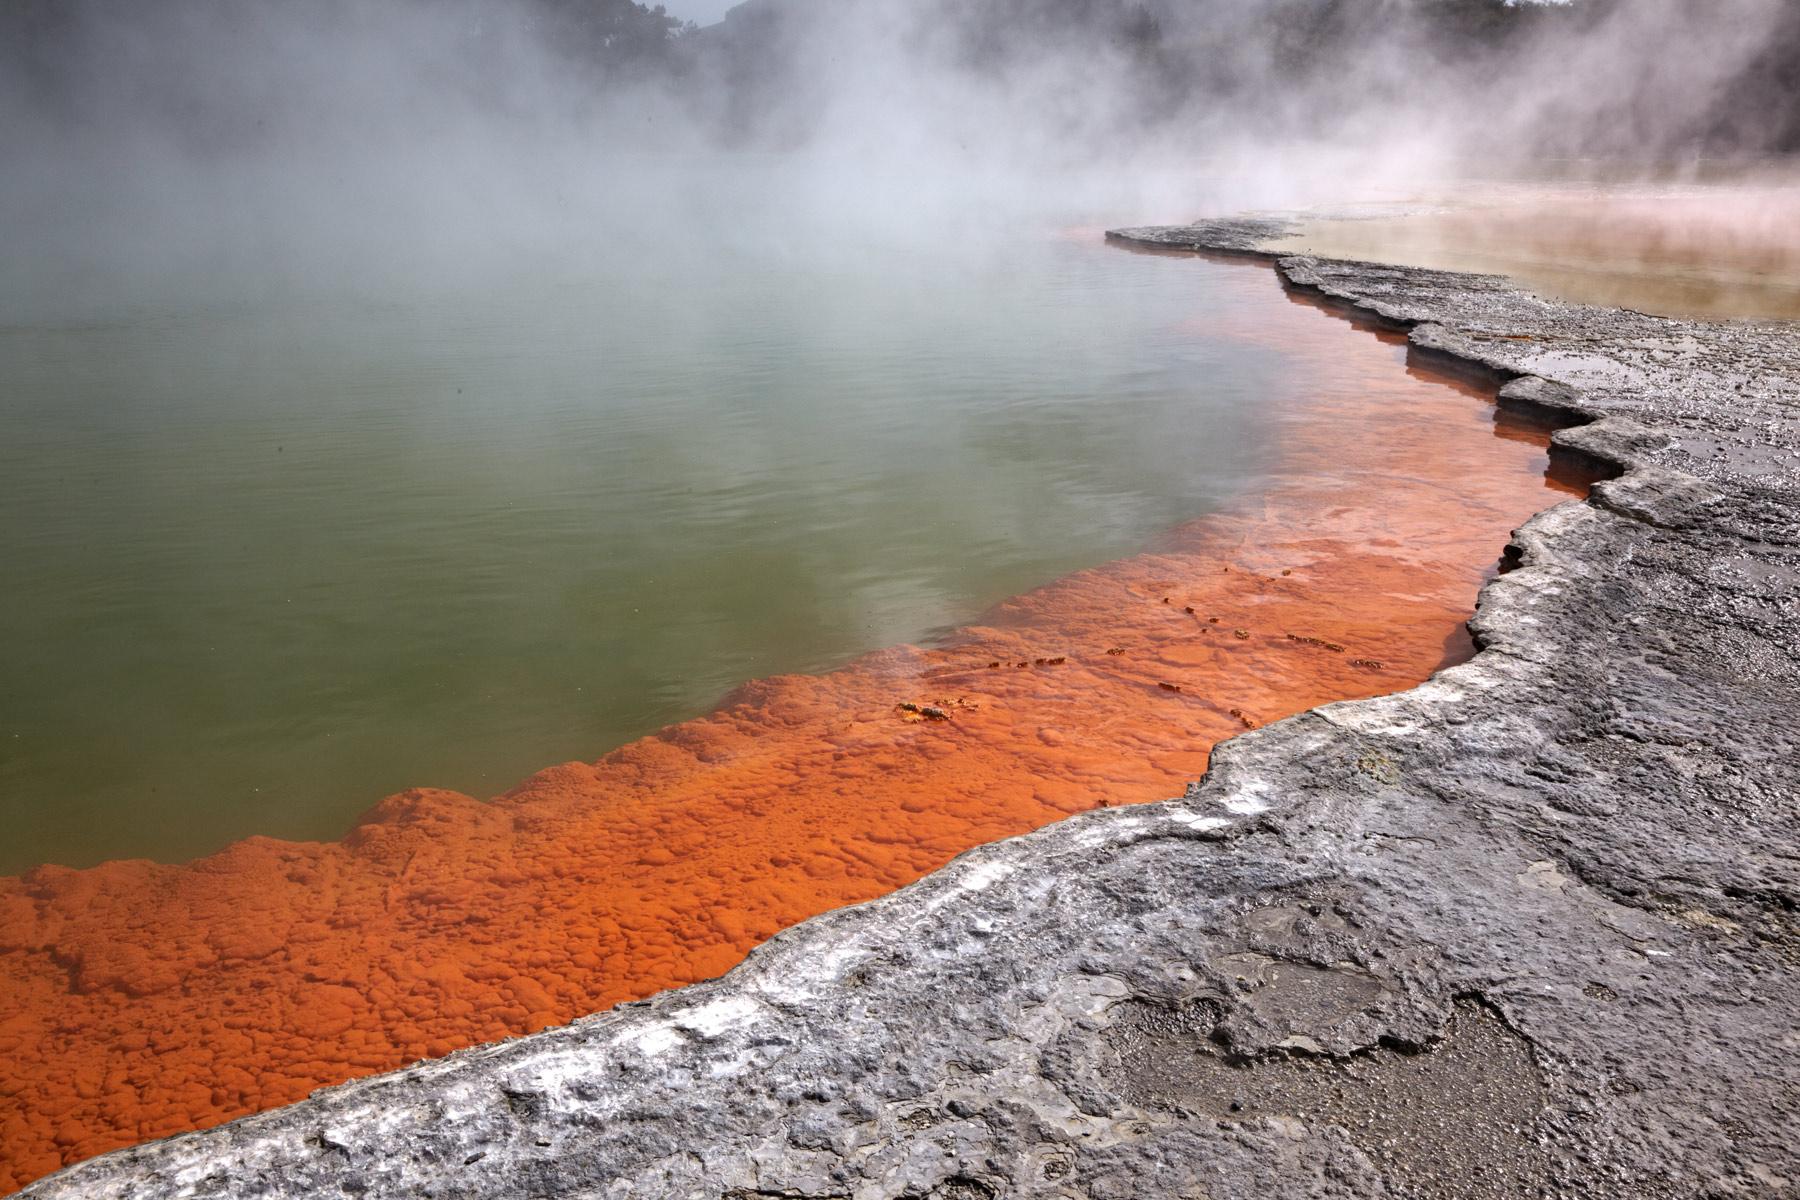 New_Zealand_Rotorua_Wai-o-tapu_geothermal_01.jpg